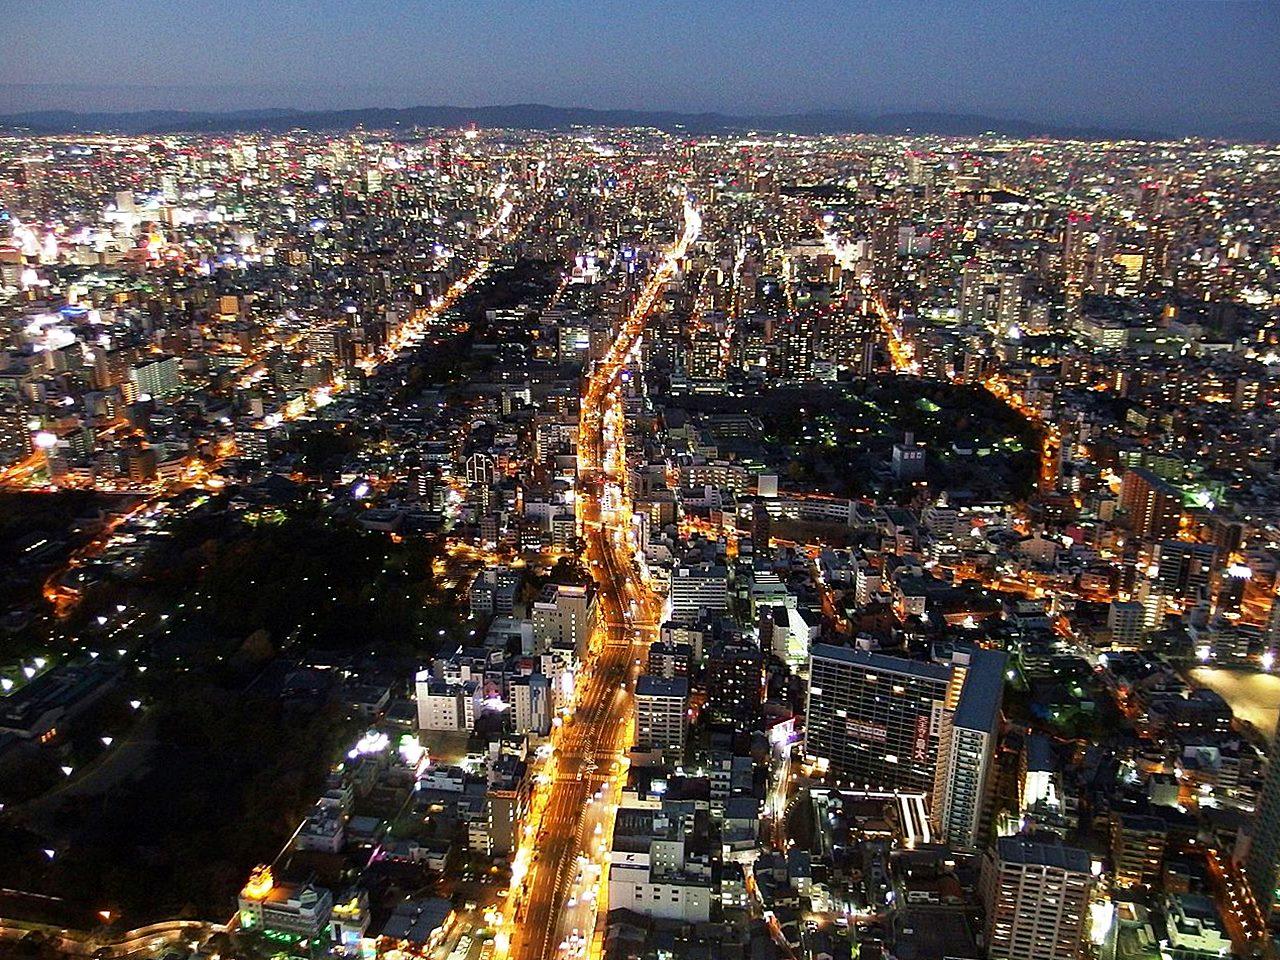 大阪-景點-推薦-阿倍野HARUKAS展望台-自由行-必遊-必去-旅遊-觀光-行程-日本-osaka-tourist-attraction-travel